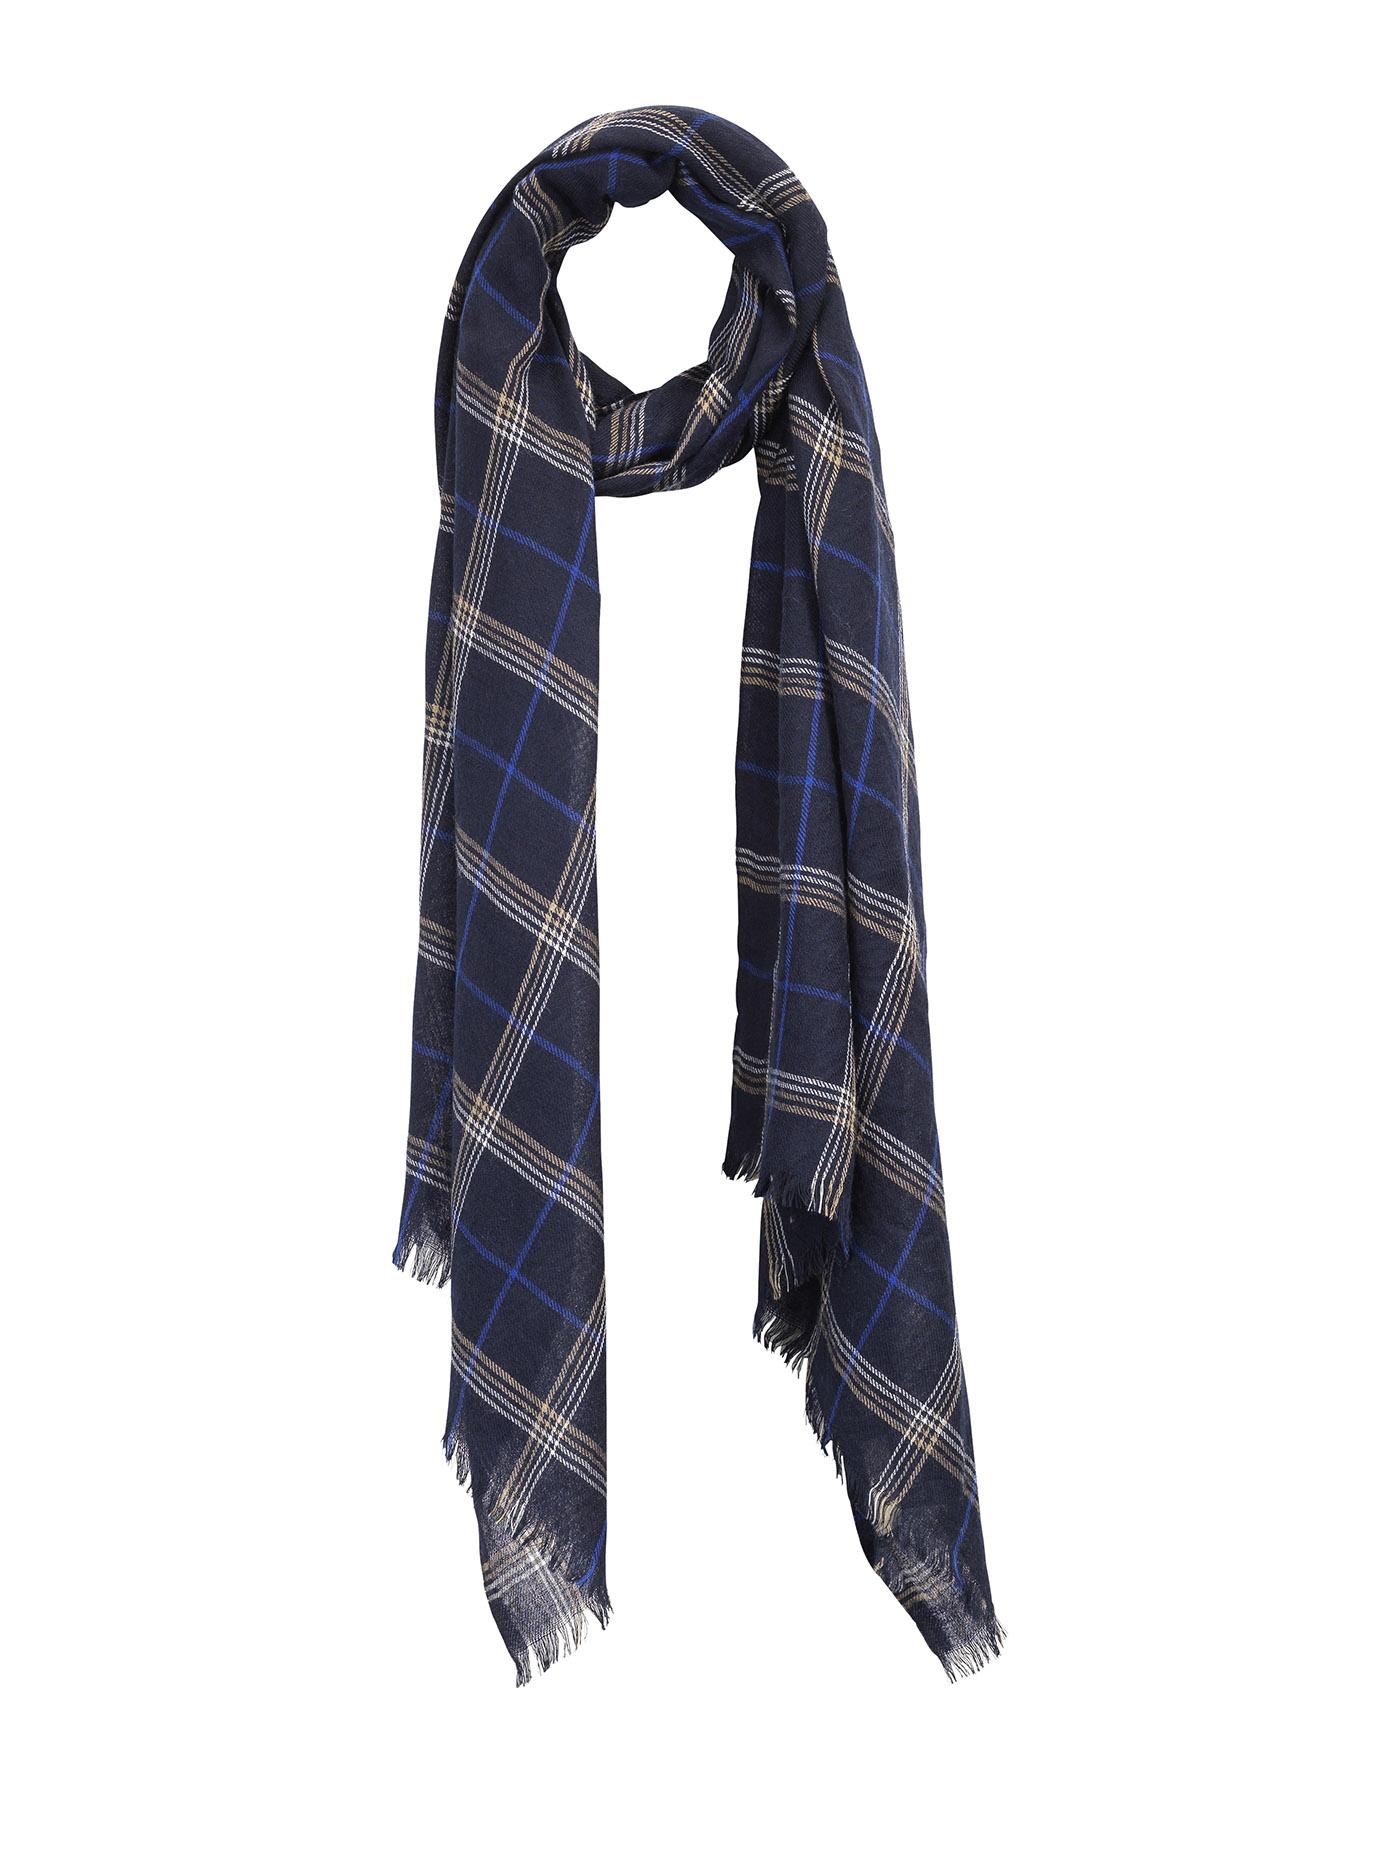 acheter maintenant officiel de vente chaude riche et magnifique GUJARSCARF | Écharpe 100% laine pour homme heather grey ch ...